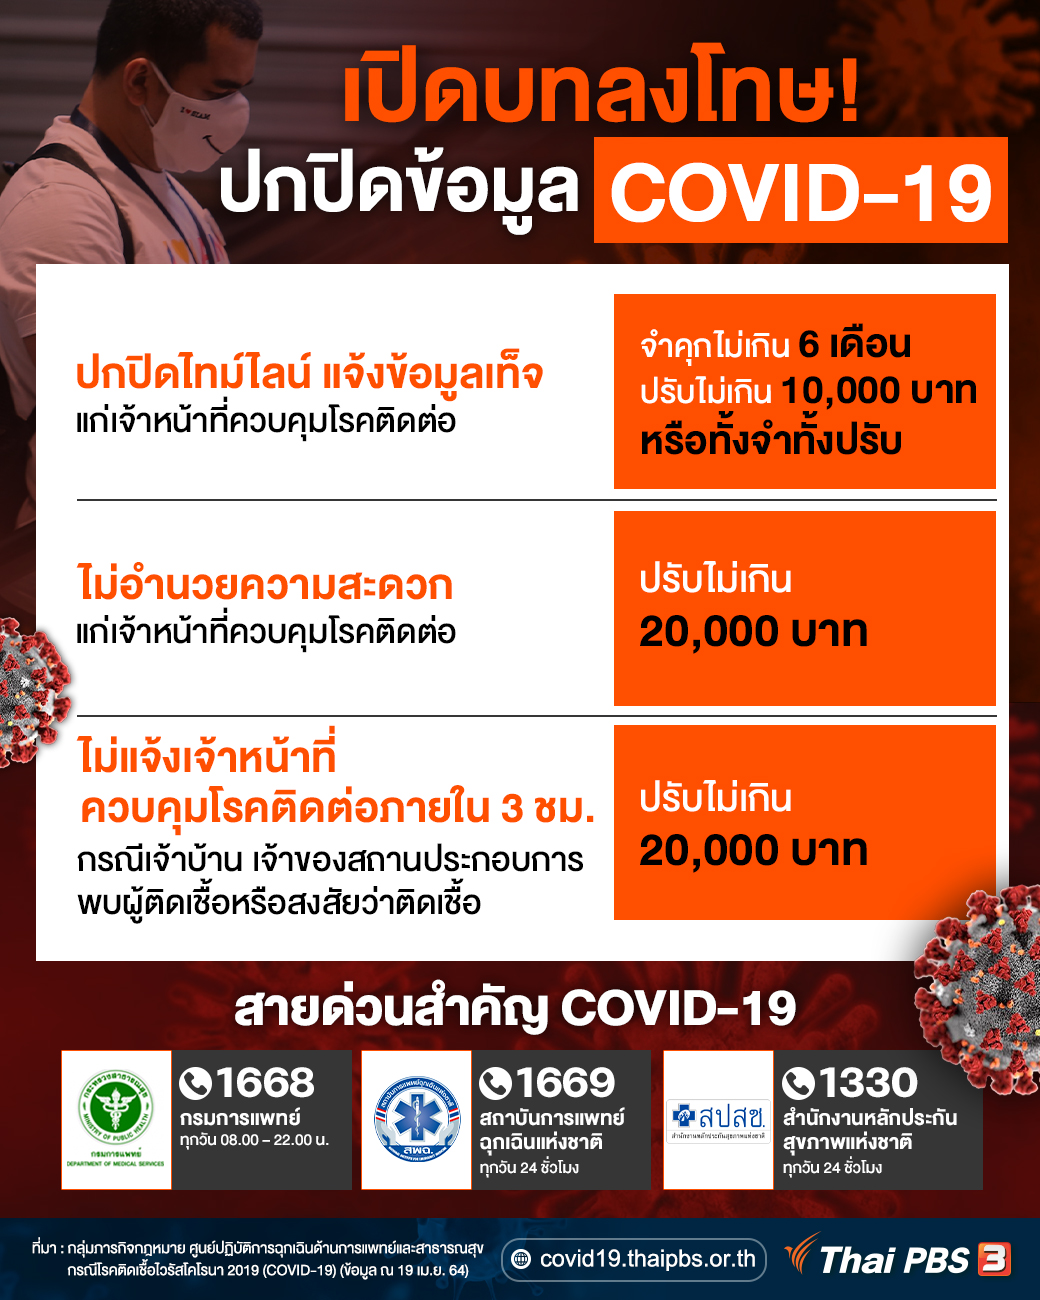 เปิดบทลงโทษ! ปกปิดข้อมูล  COVID-19